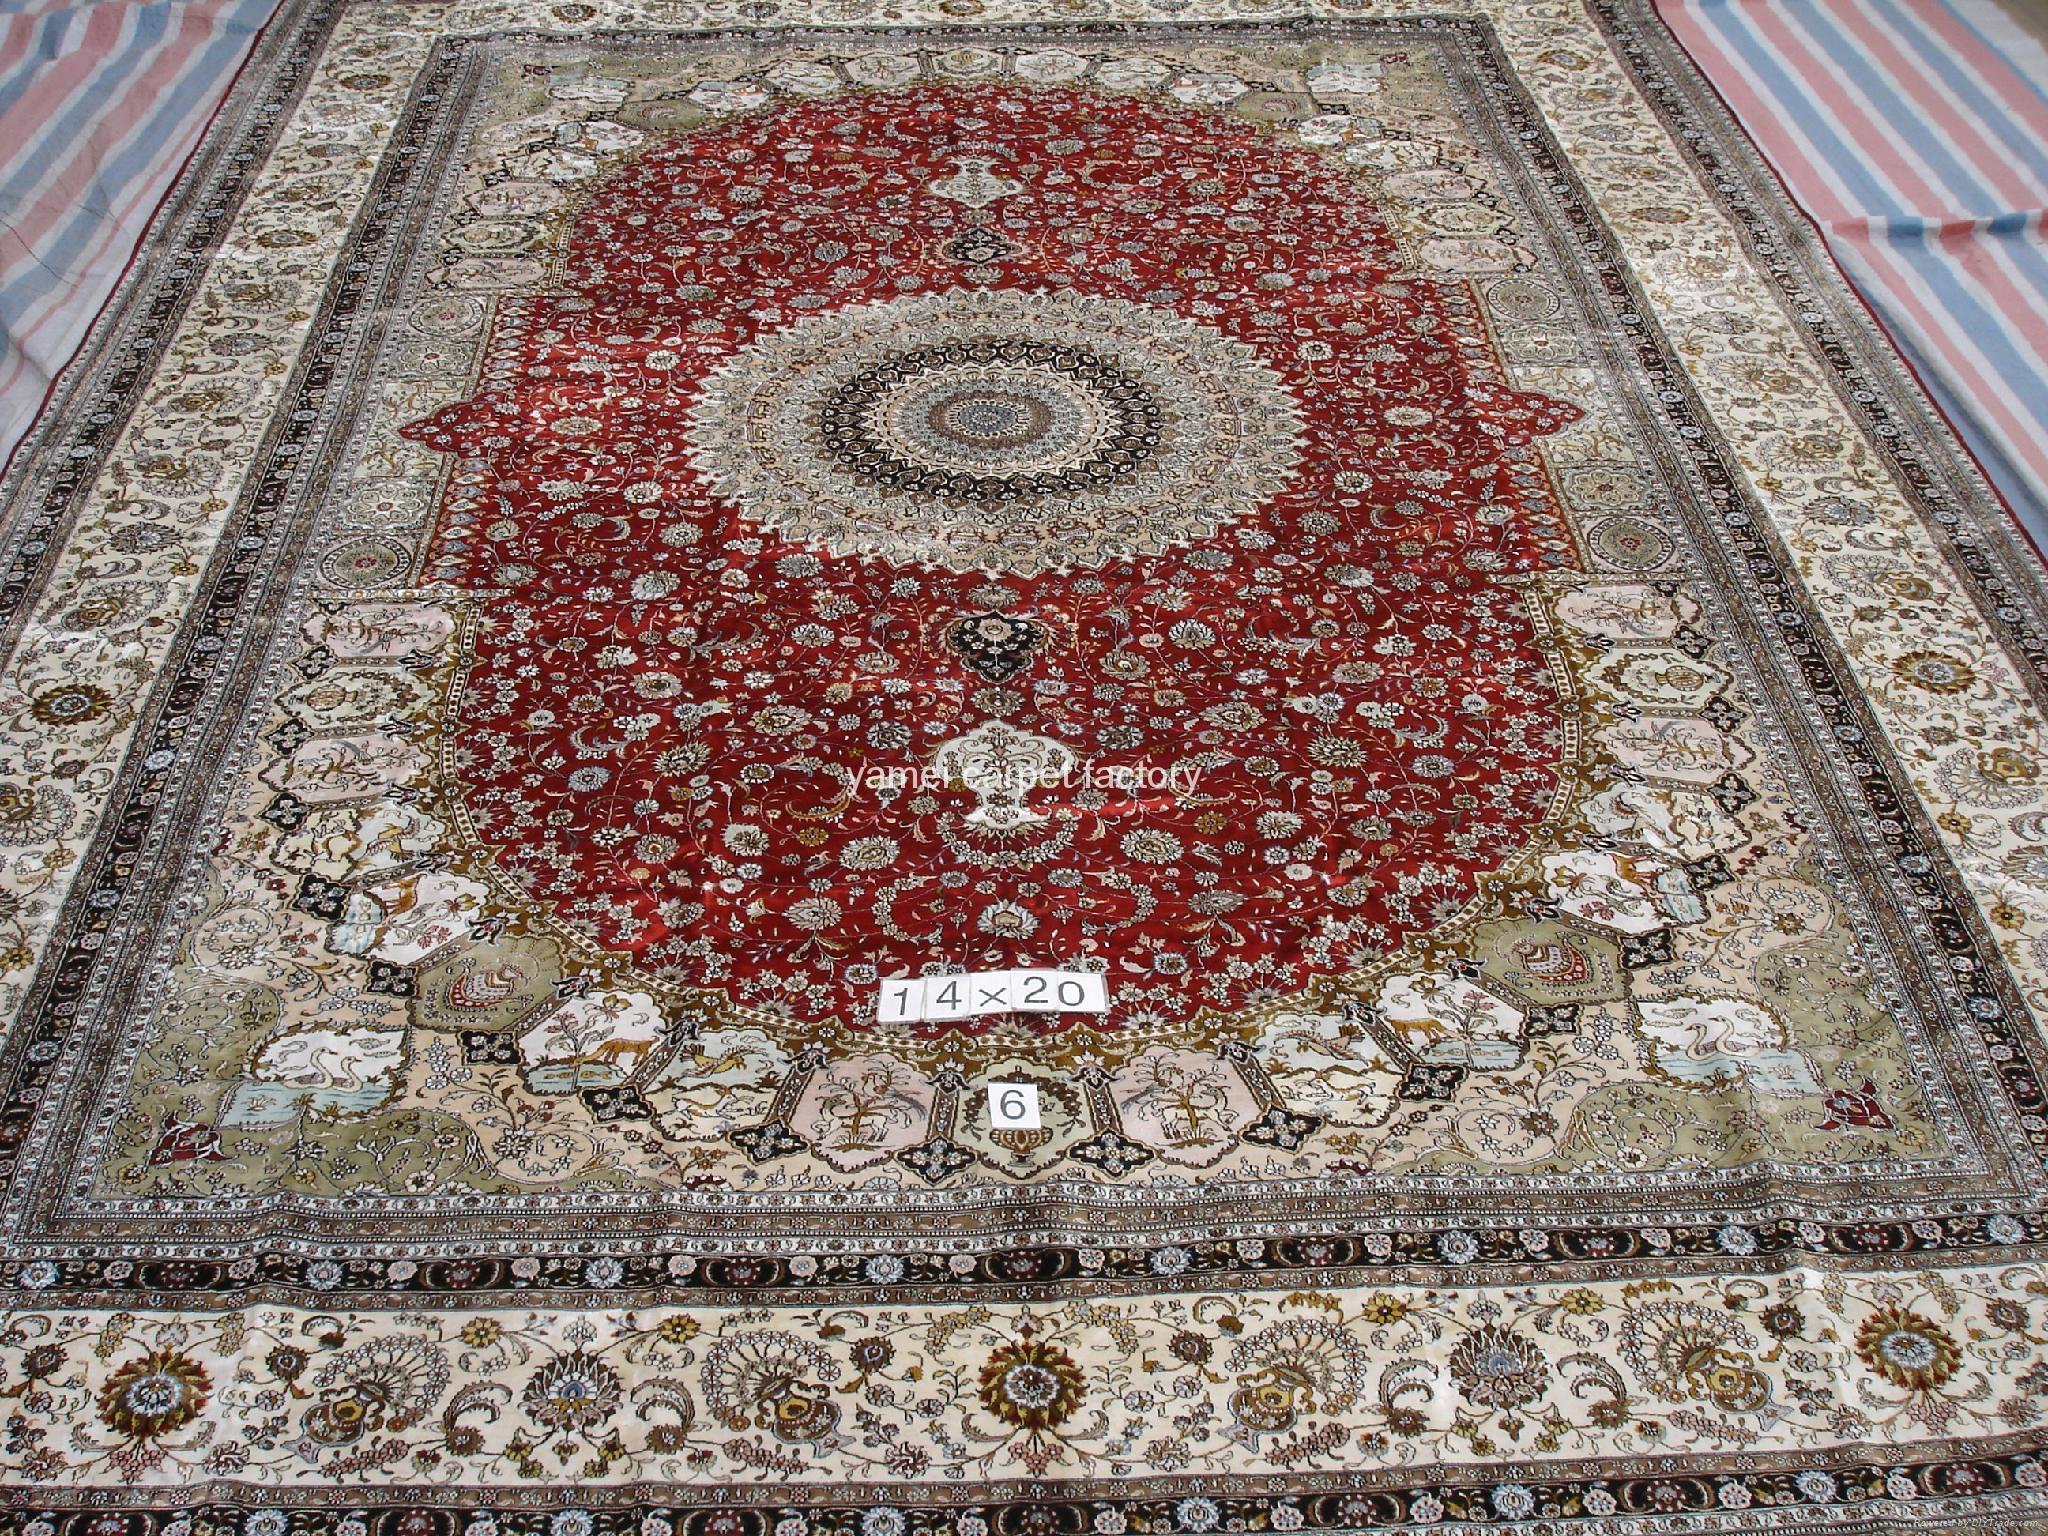 蚕丝挂毯/地毯 水洗真丝波斯地毯 优惠爱尔兰地毯  1